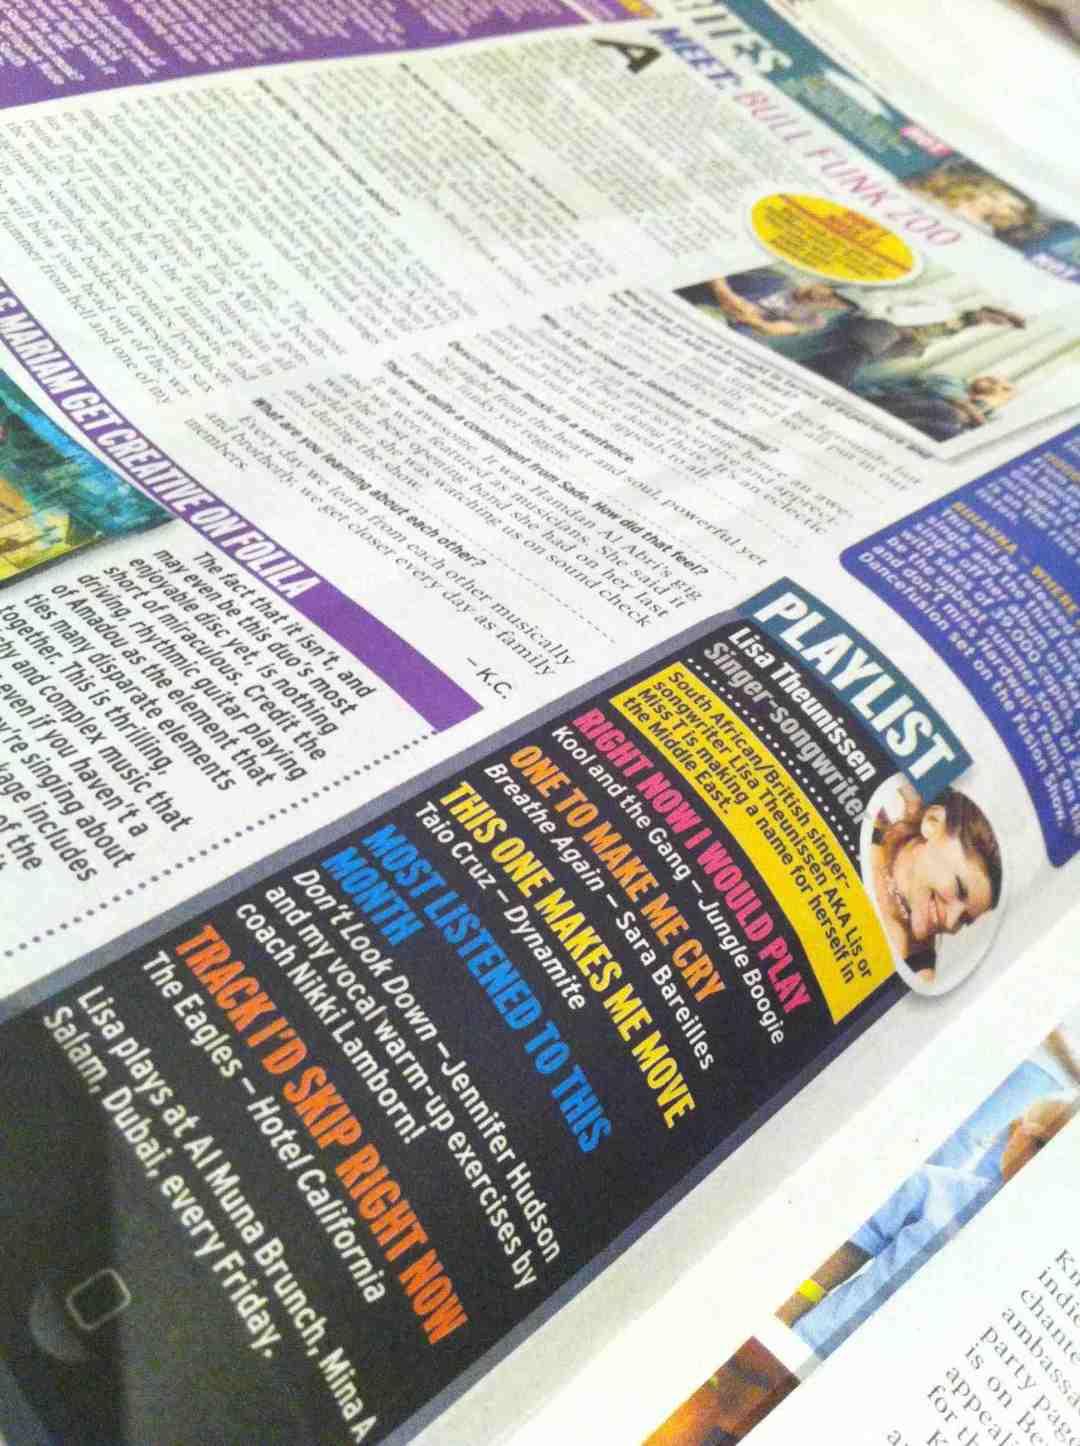 The Fridge Gulf News 2012, Dubai